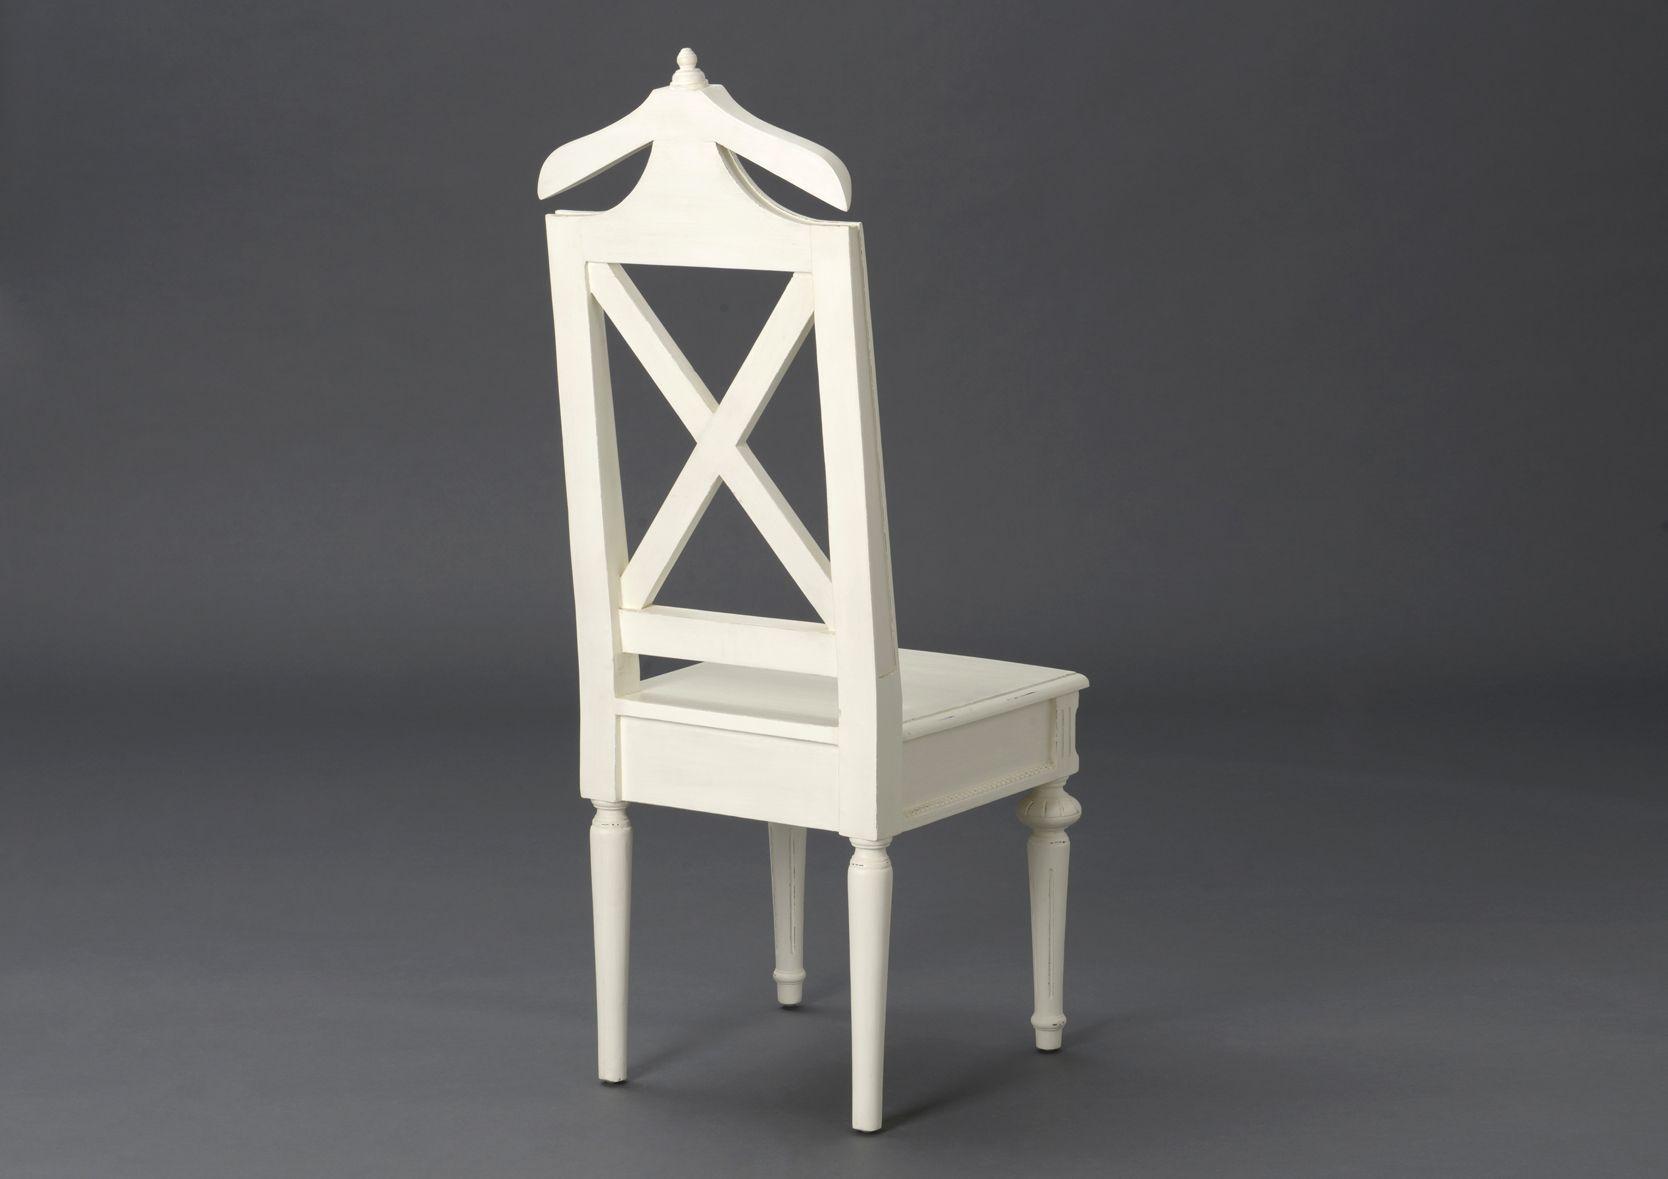 valet de nuit chaise perle. Black Bedroom Furniture Sets. Home Design Ideas